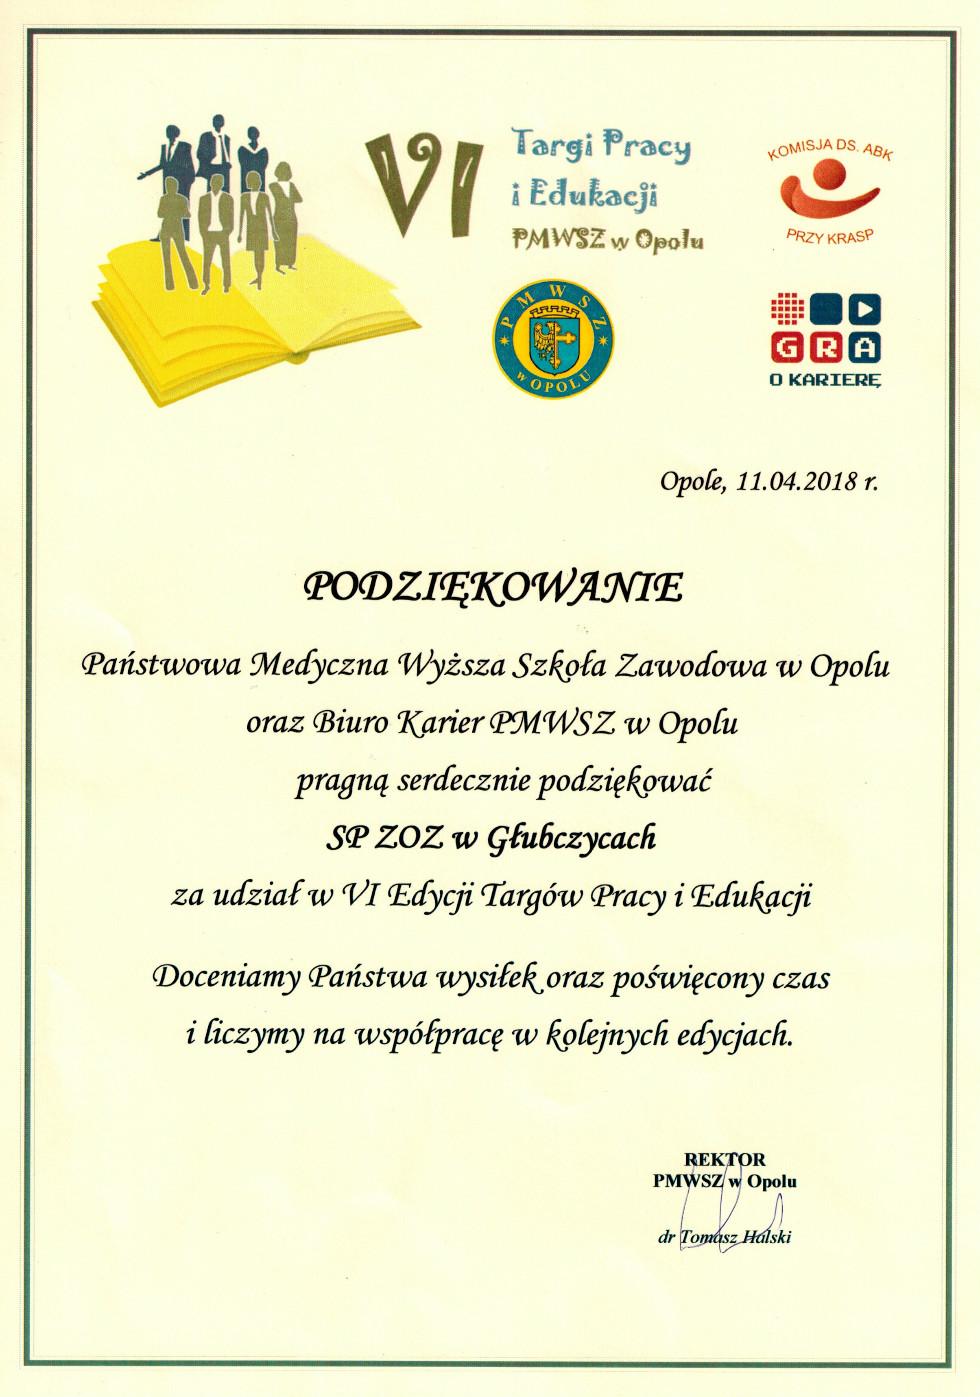 Podziękowania dla SPZOZ w Głubczycach za udziałw targach pracy